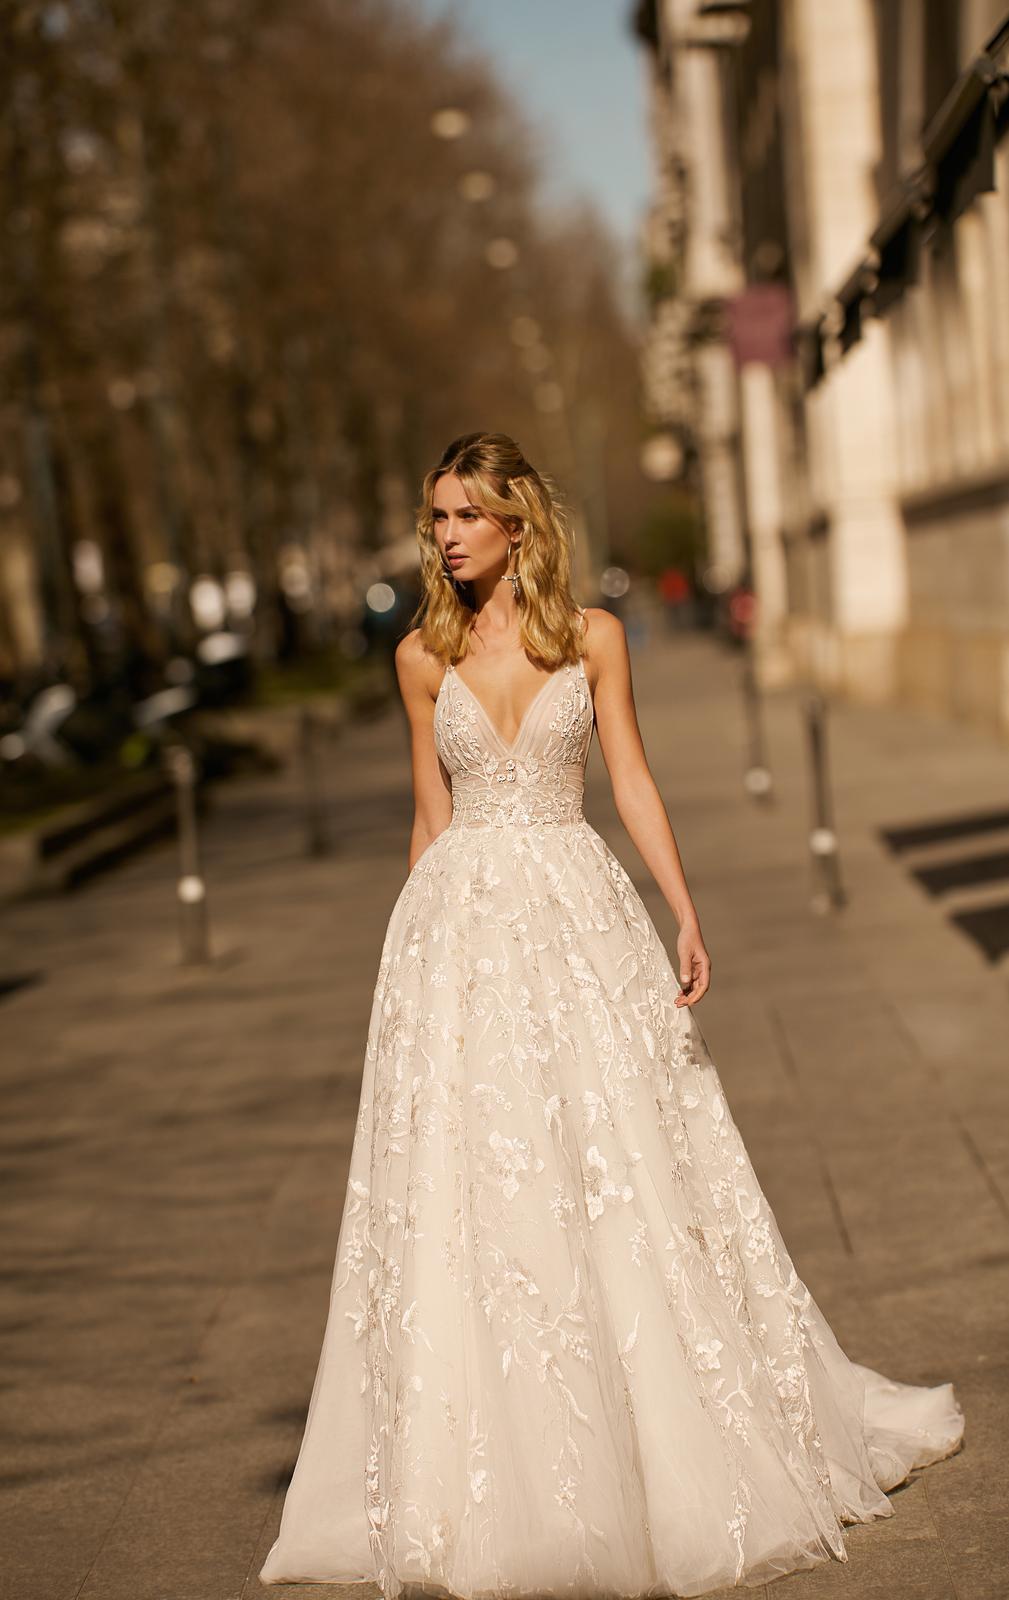 Svadobné šaty jar/leto 2020 BERTA Miláno - Obrázok č. 2